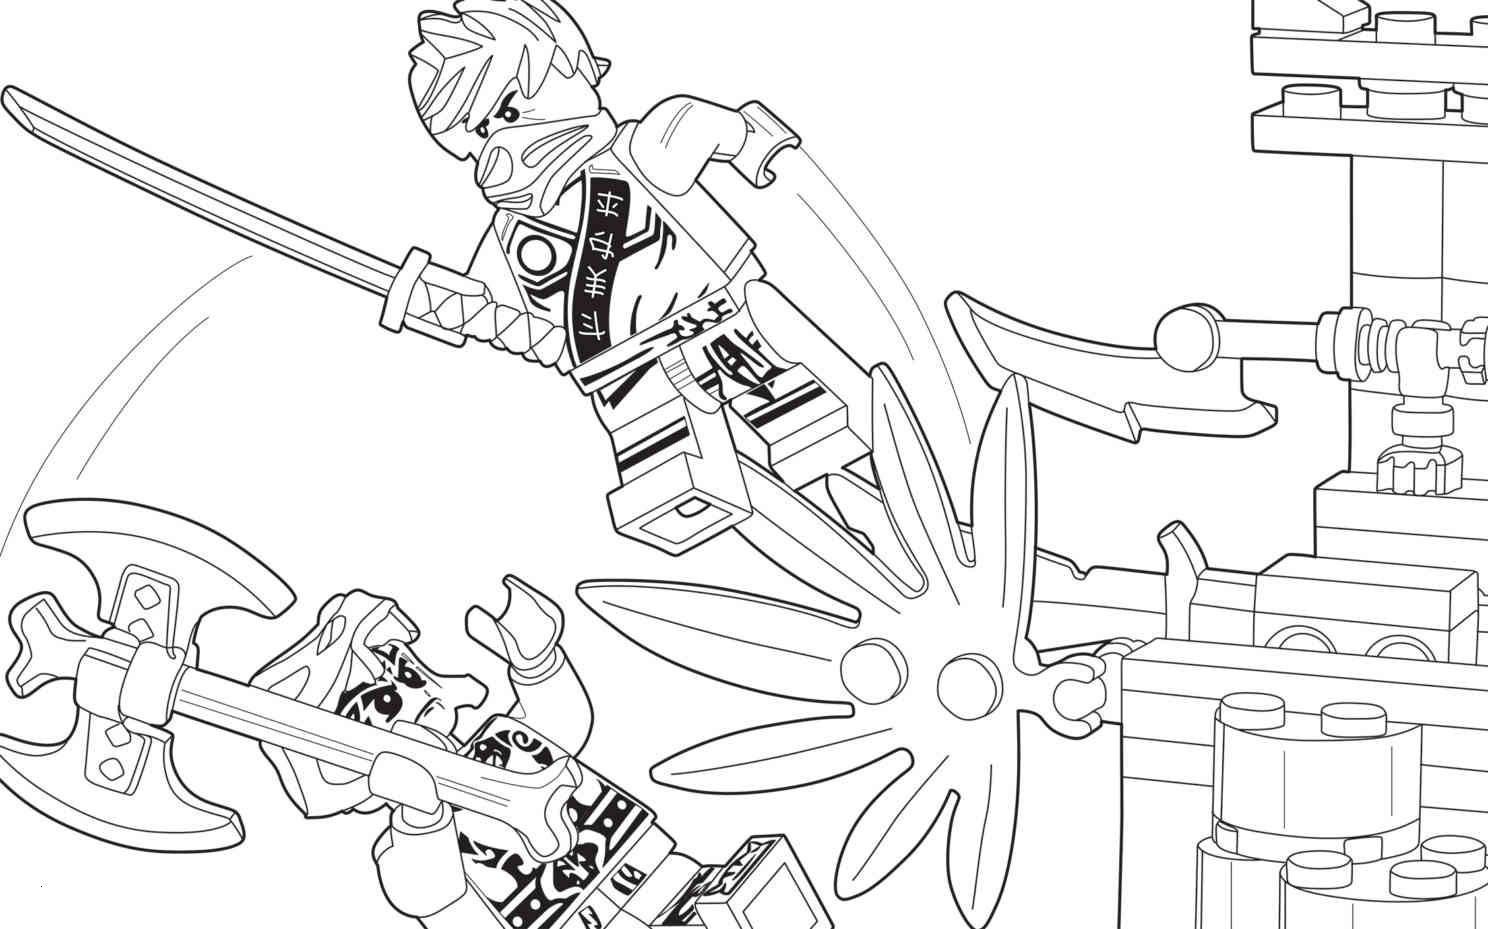 Ninjago Ausmalbilder Kai Das Beste Von 35 Ausmalbilder Lego Ninjago Kai Scoredatscore Neu Ninjago Schlangen Sammlung